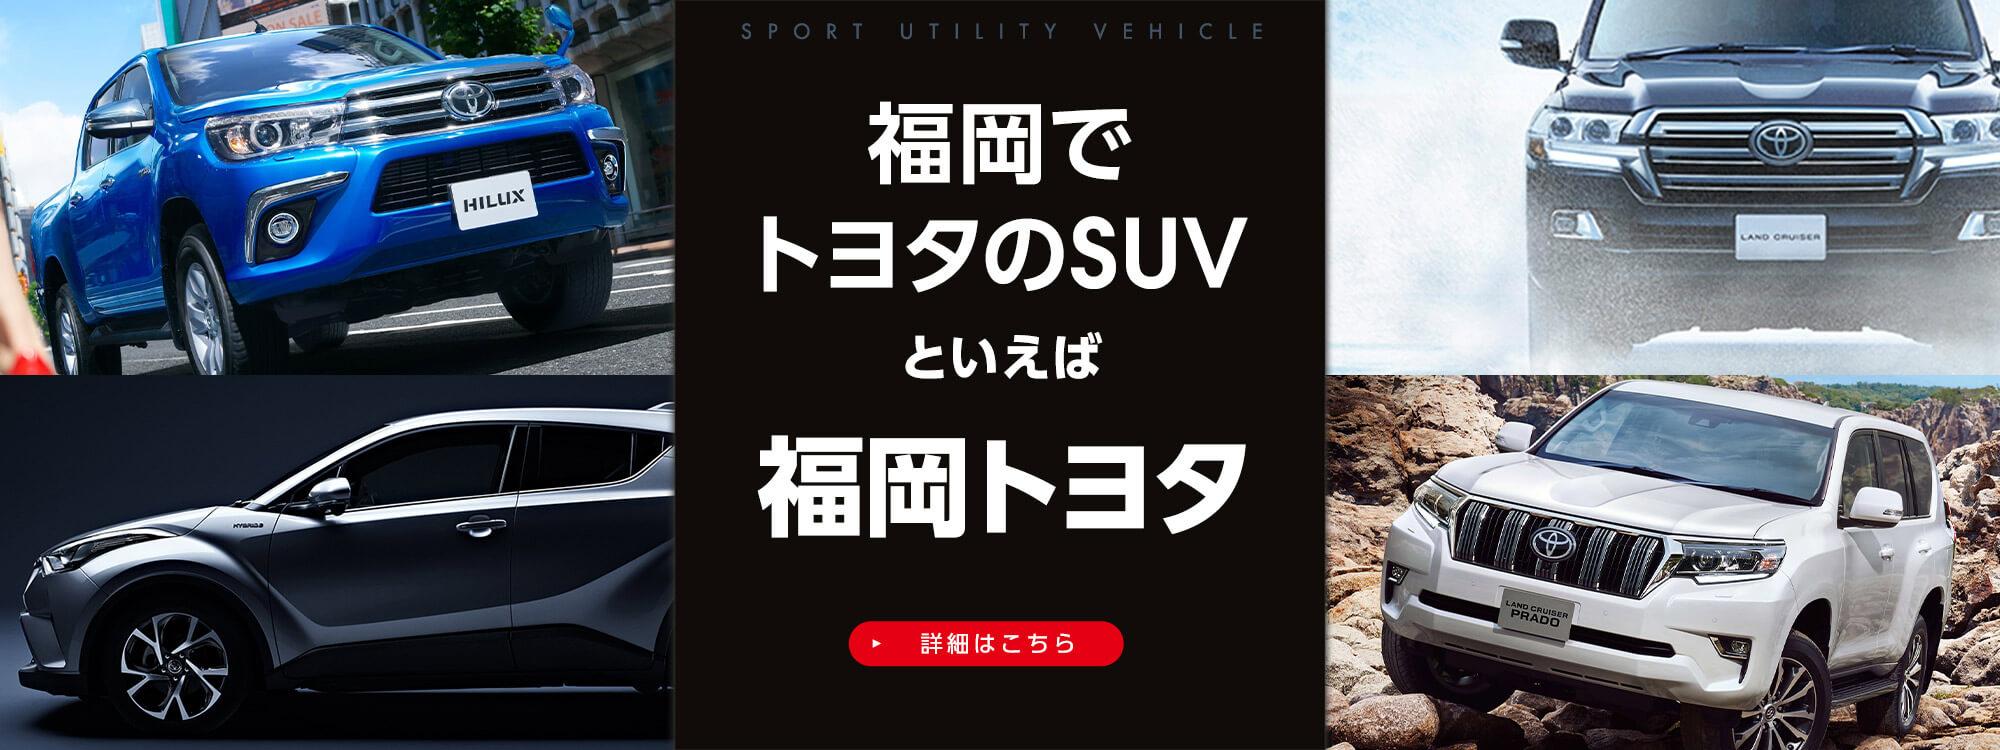 福岡でトヨタのSUVといえば福岡トヨタ